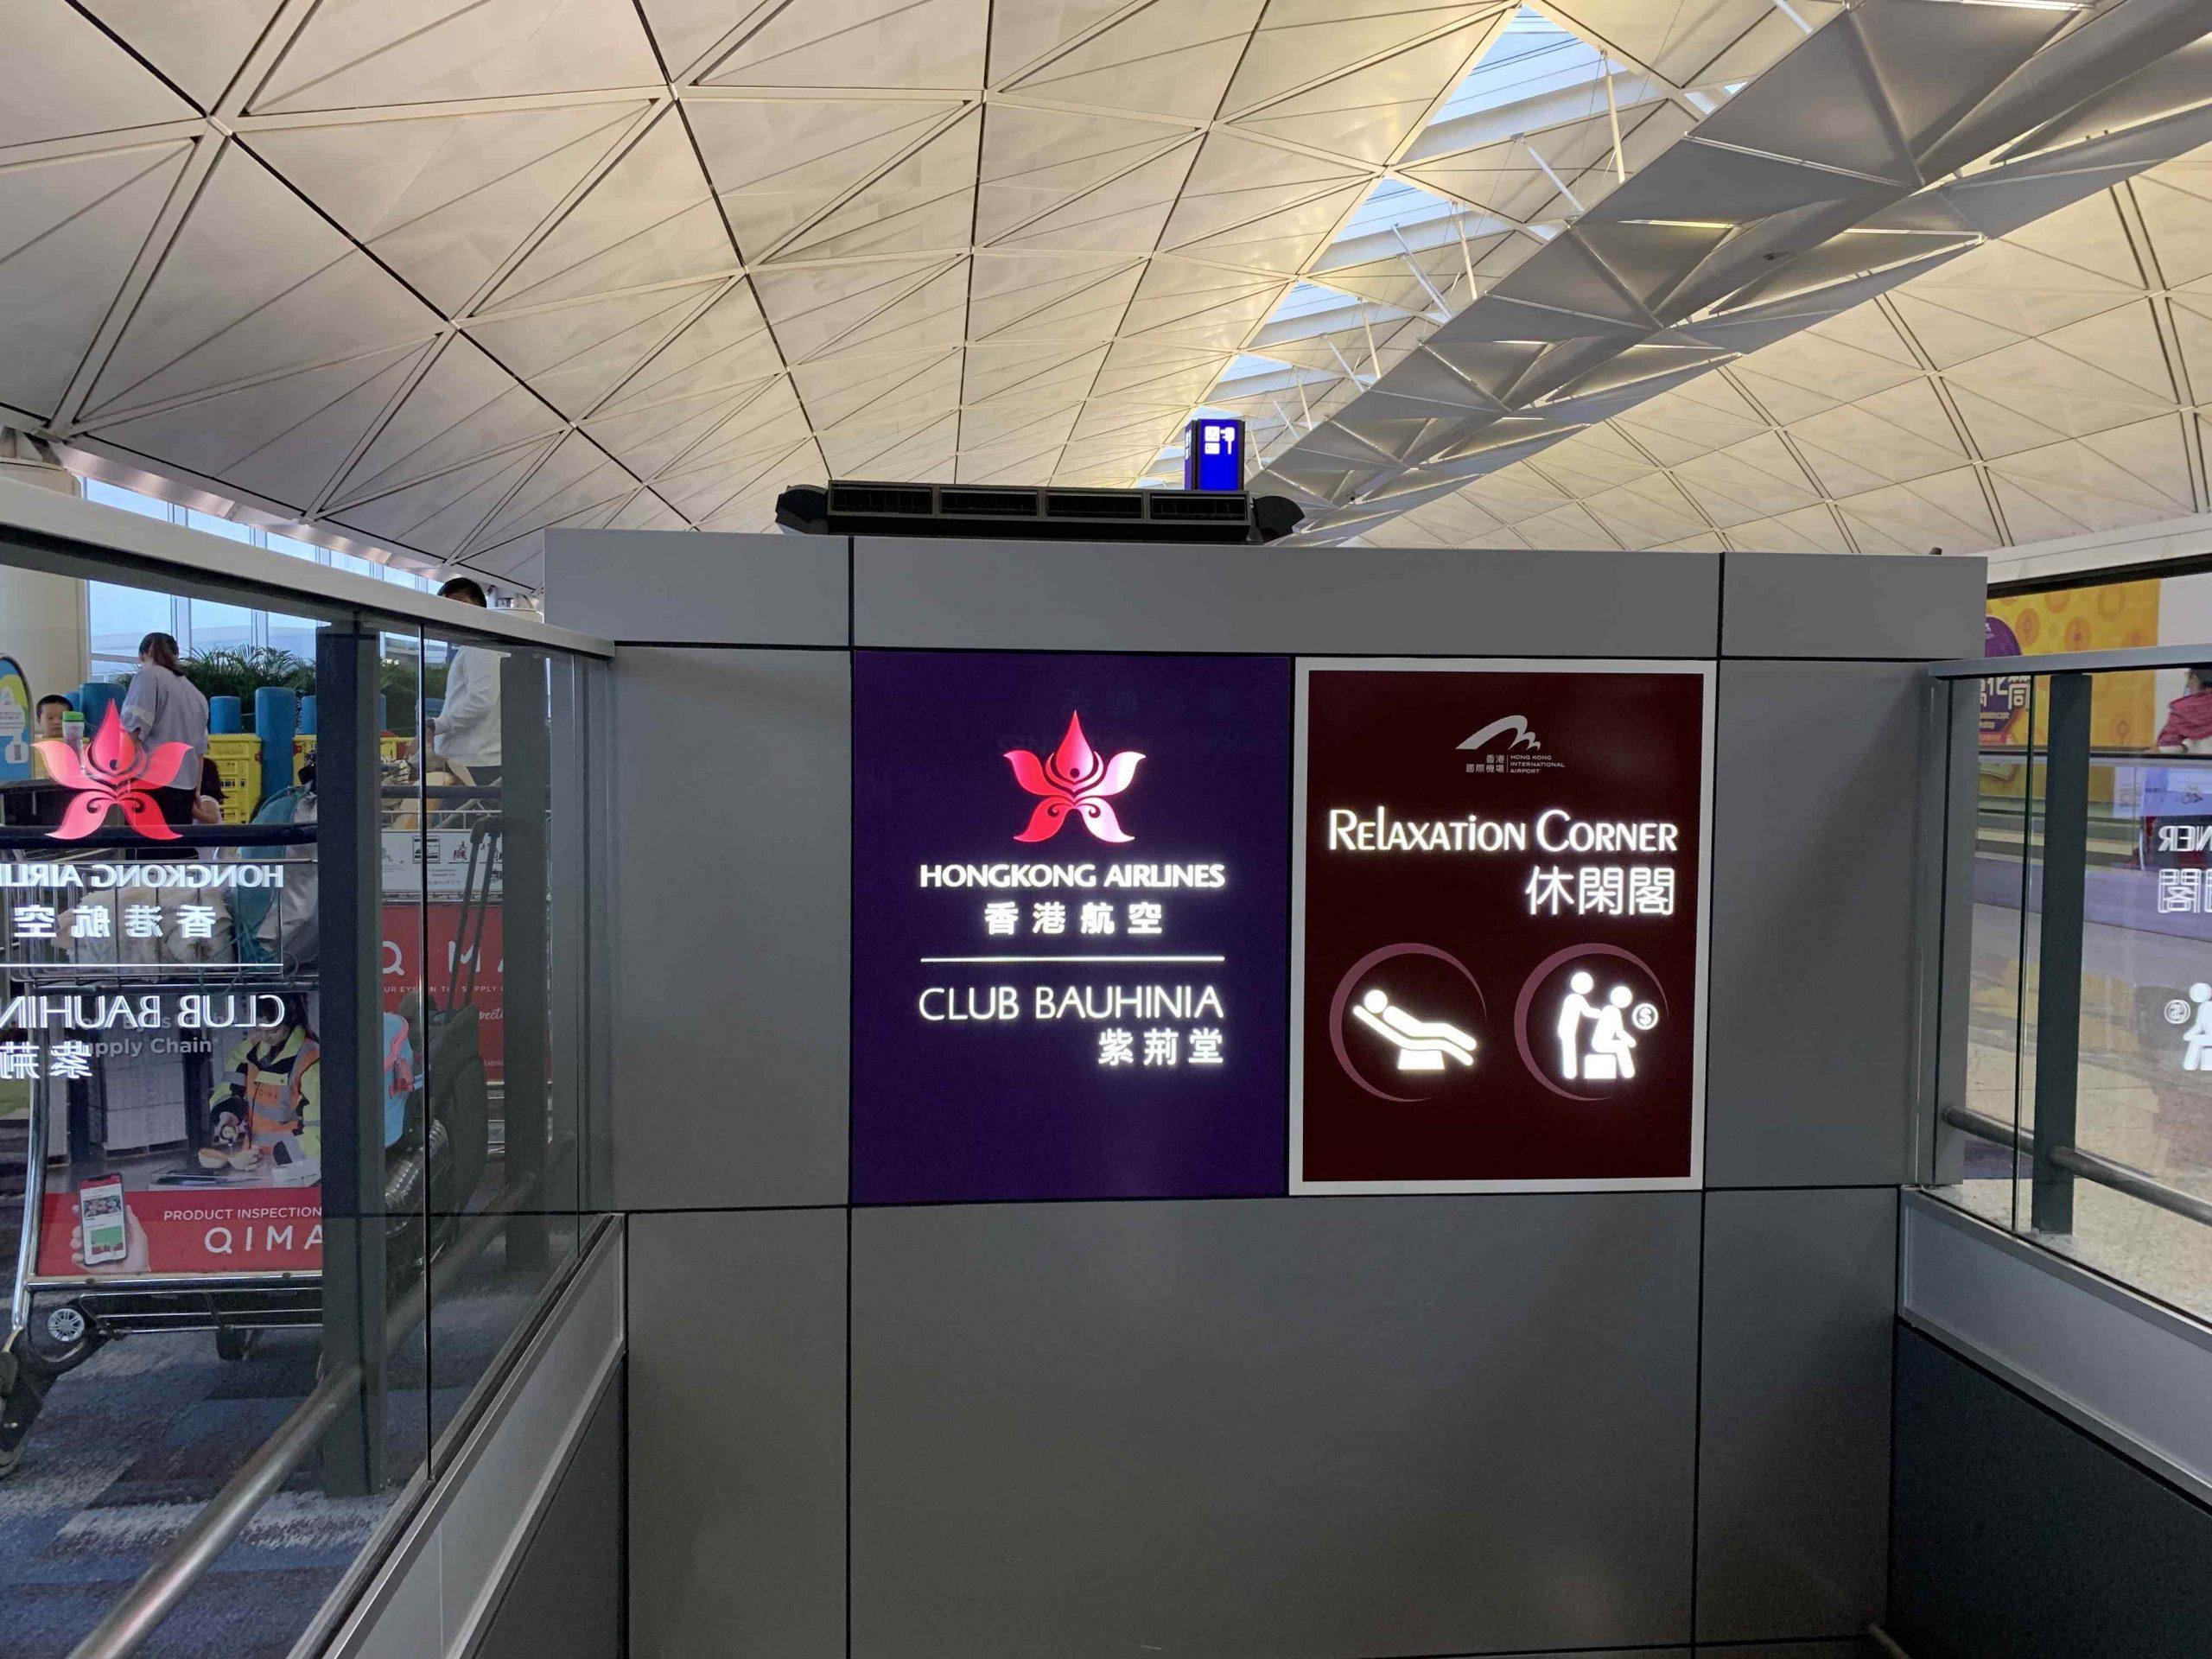 香港航空紫荆堂